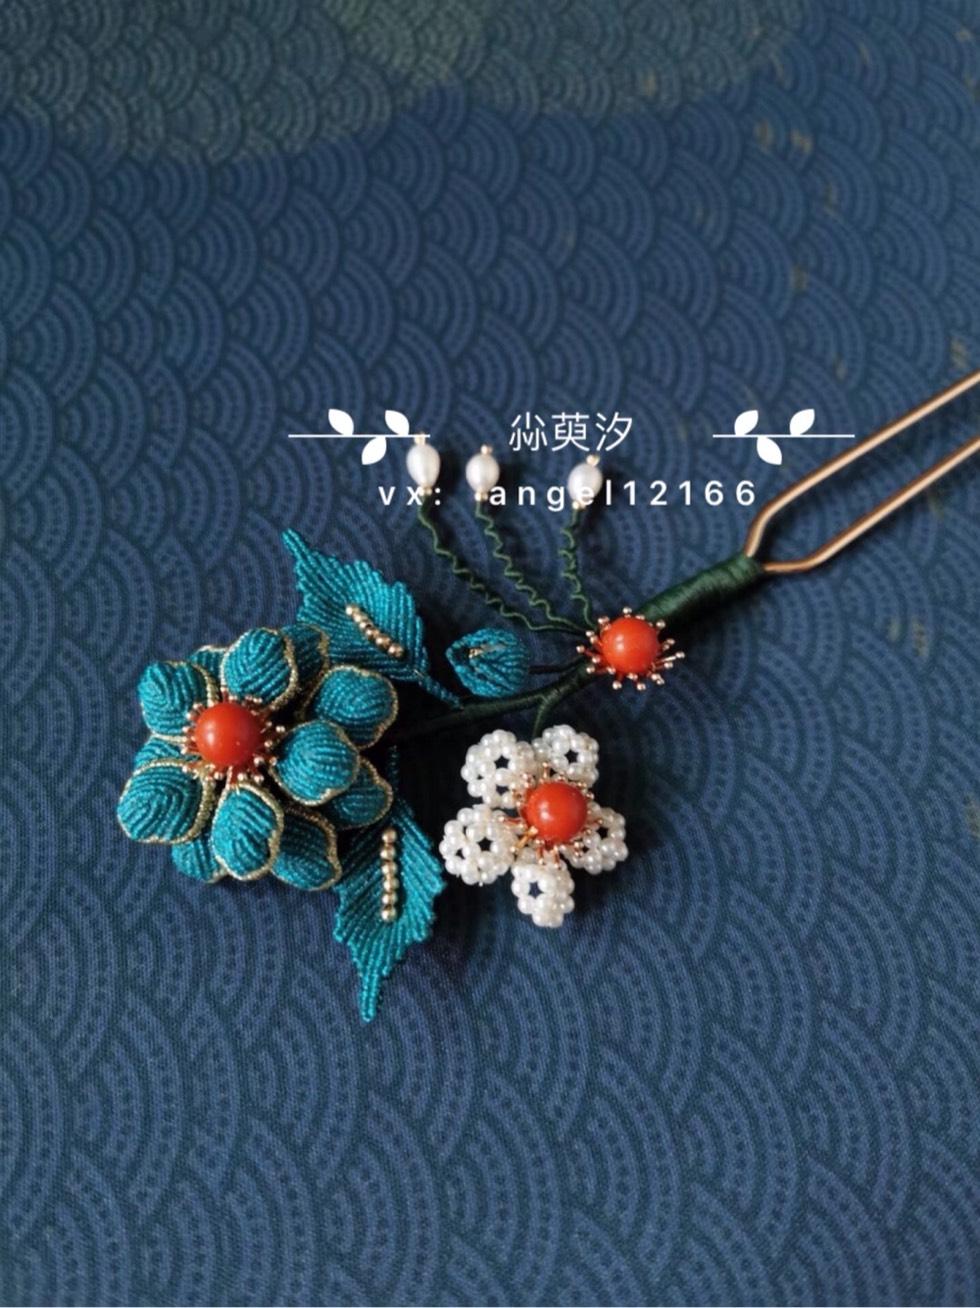 中国结论坛 仿点翠花簪系列 系列,翠花,点翠 作品展示 163809bu14k9r21ii1u9uk